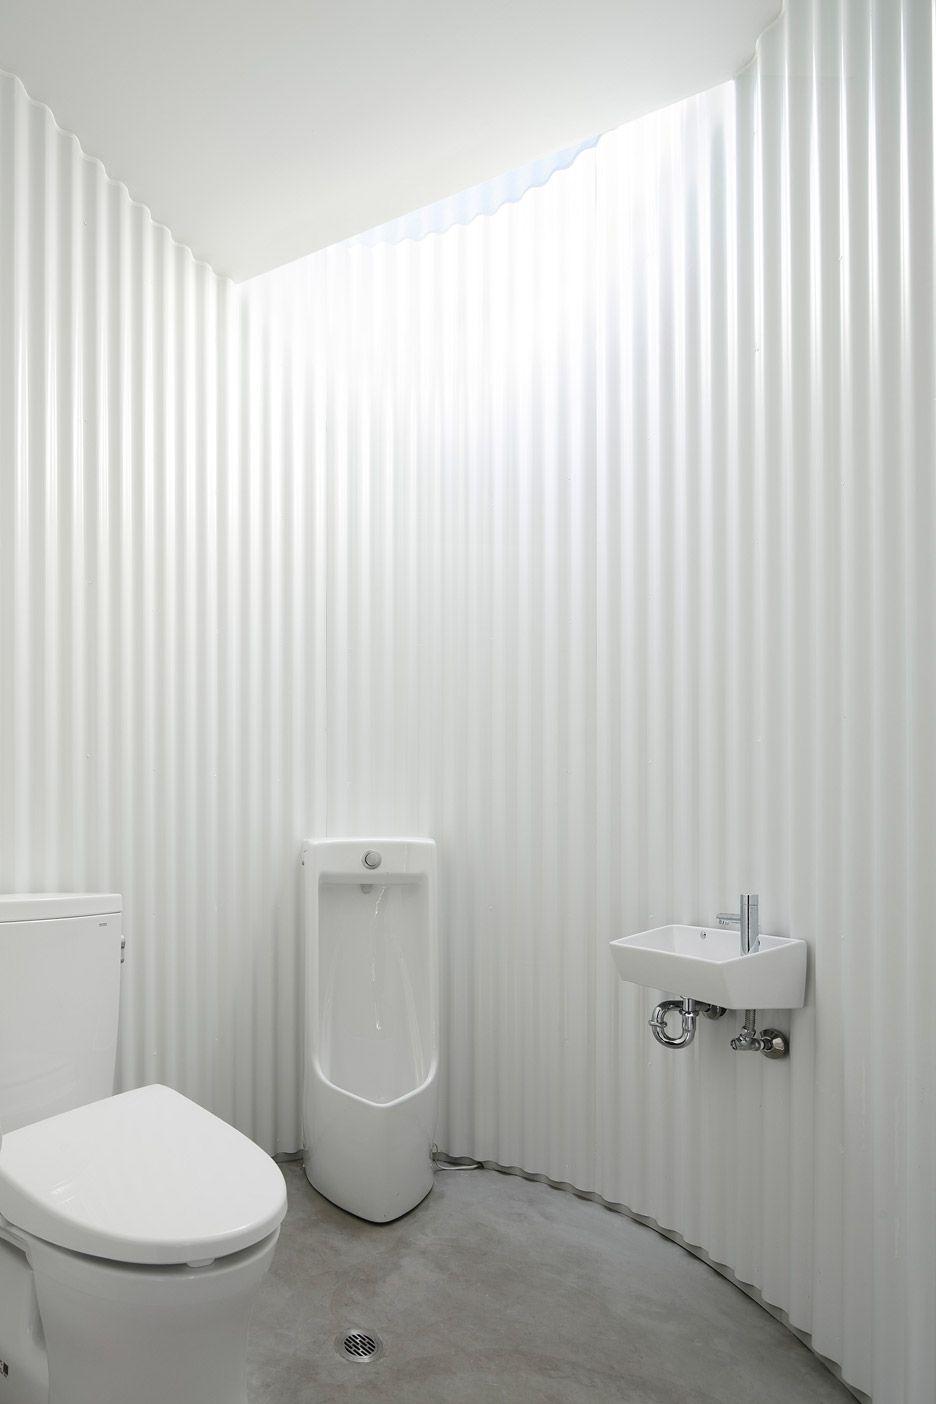 Isemachi Public Toilet by Kubo Tsushima Architects | Interiors ...